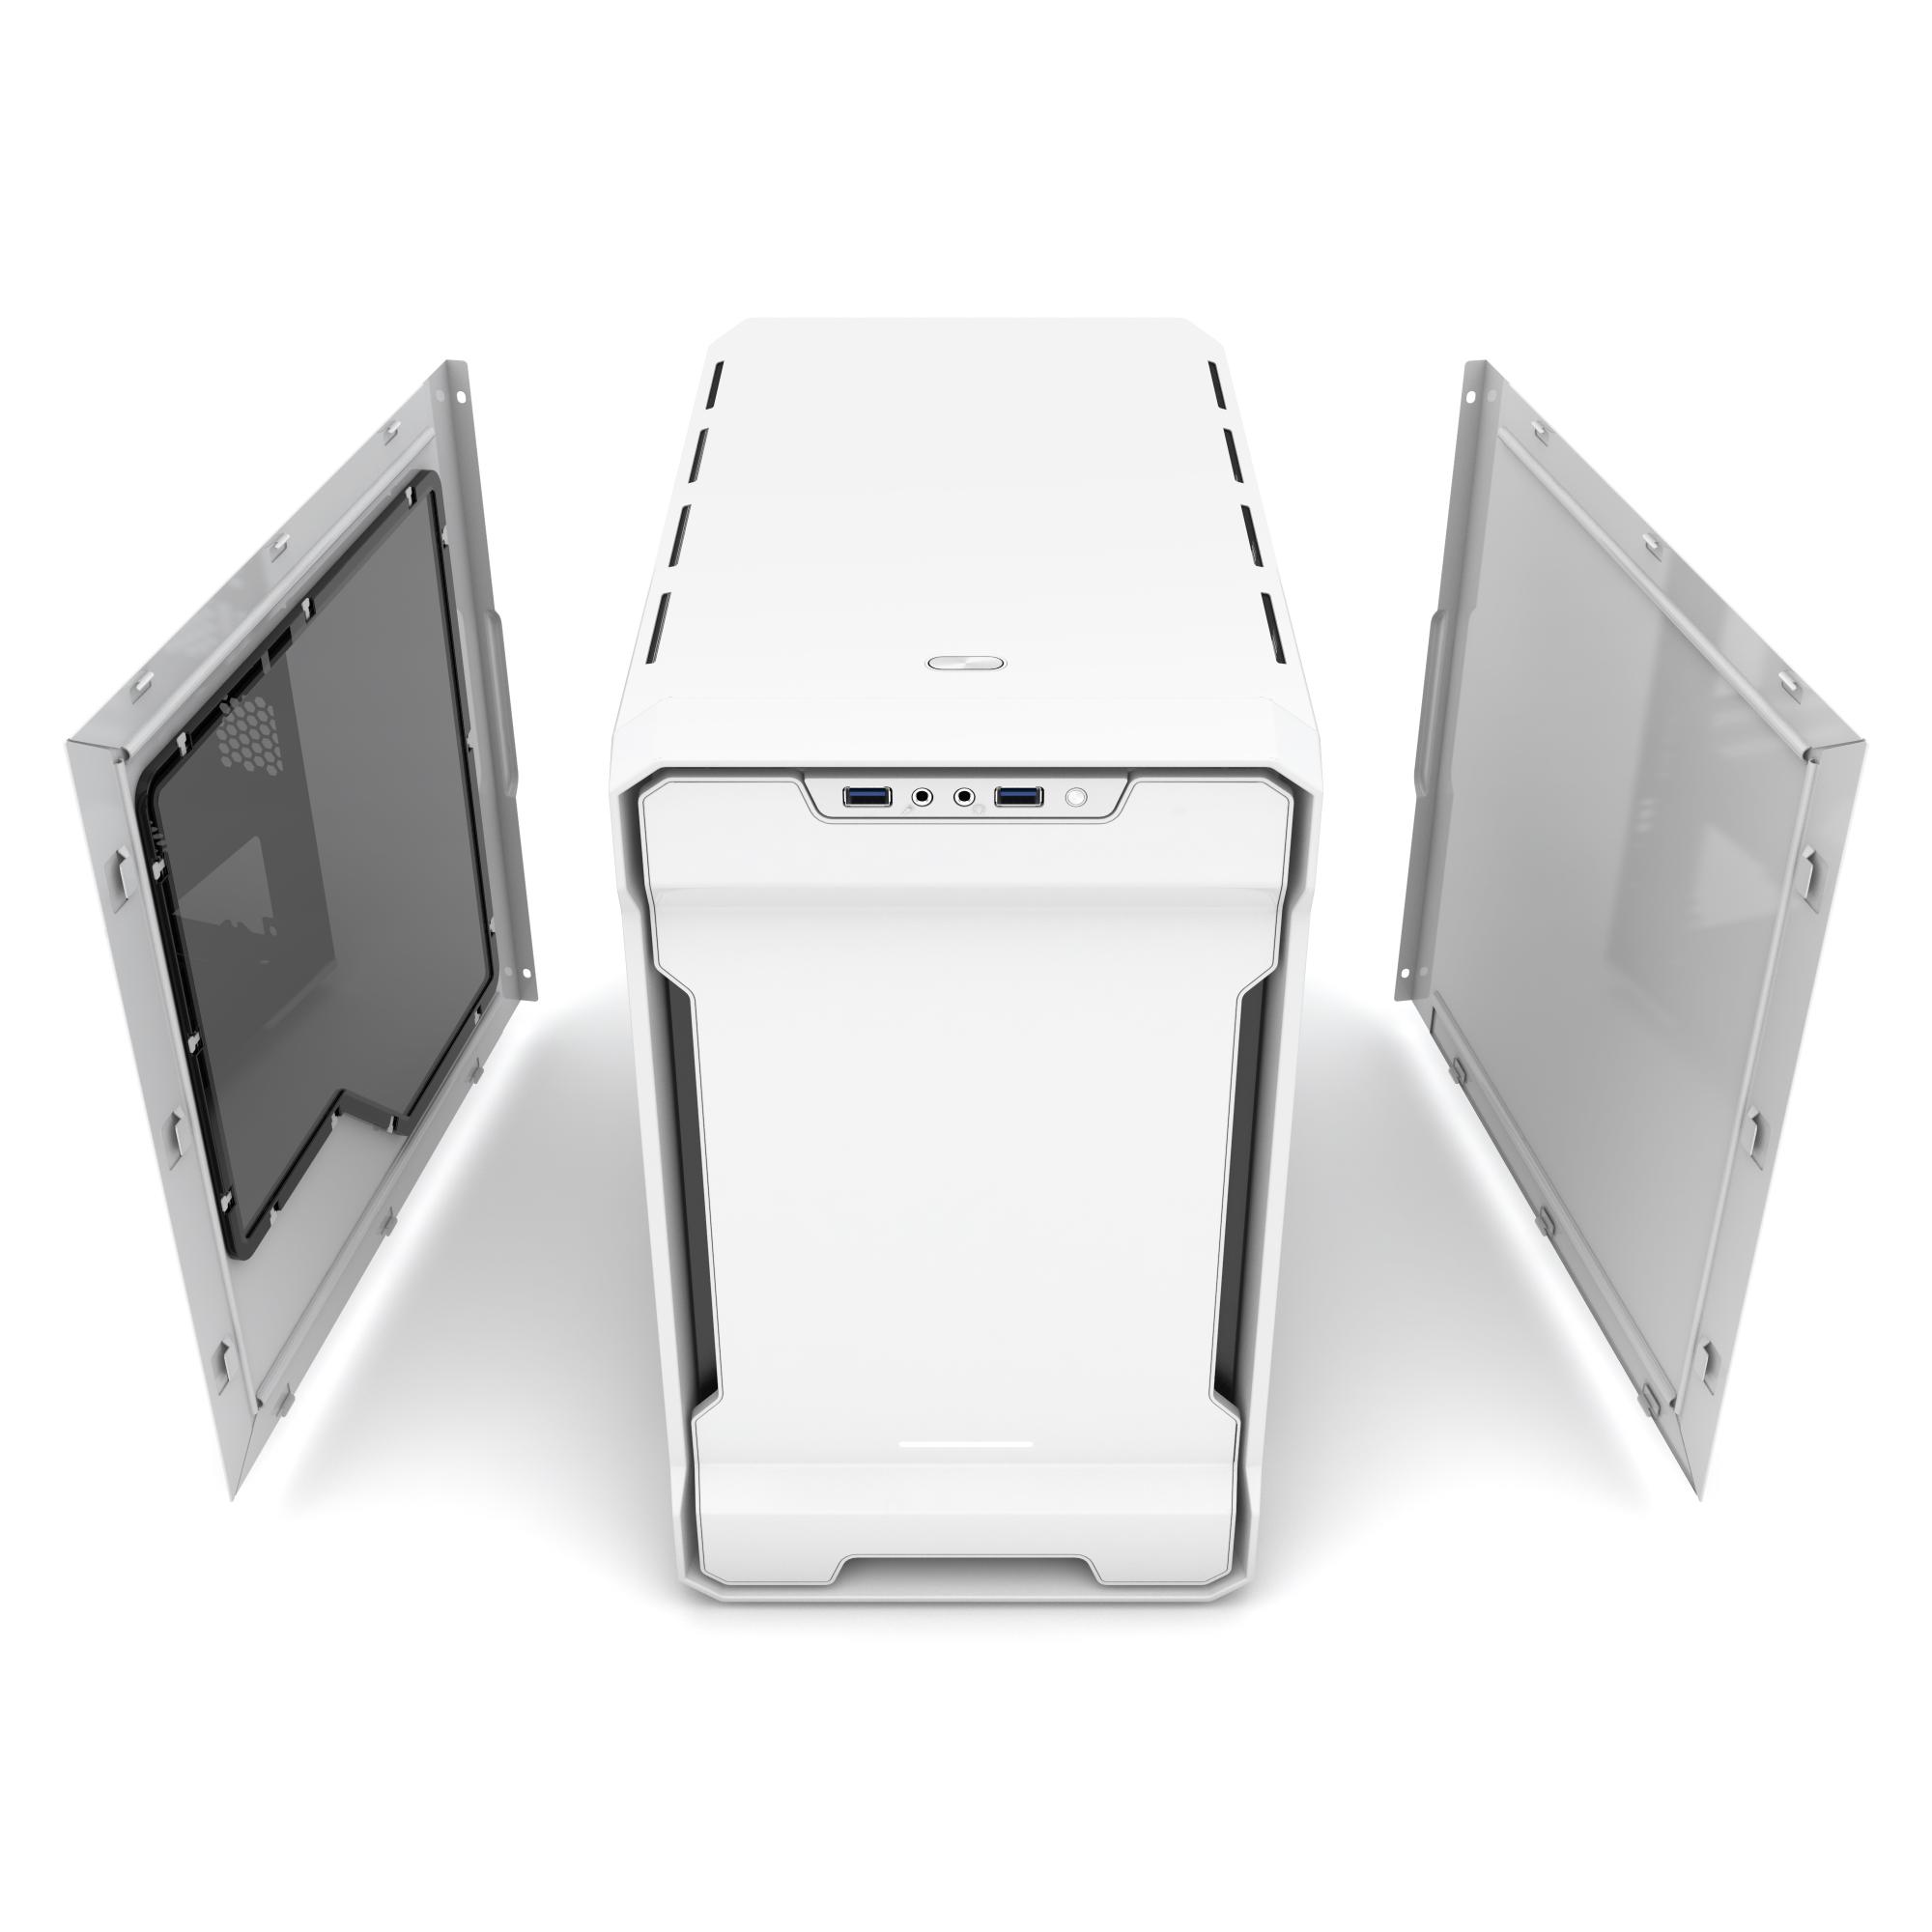 Phanteks Announces Enthoo EVOLV ITX SE Enclosure